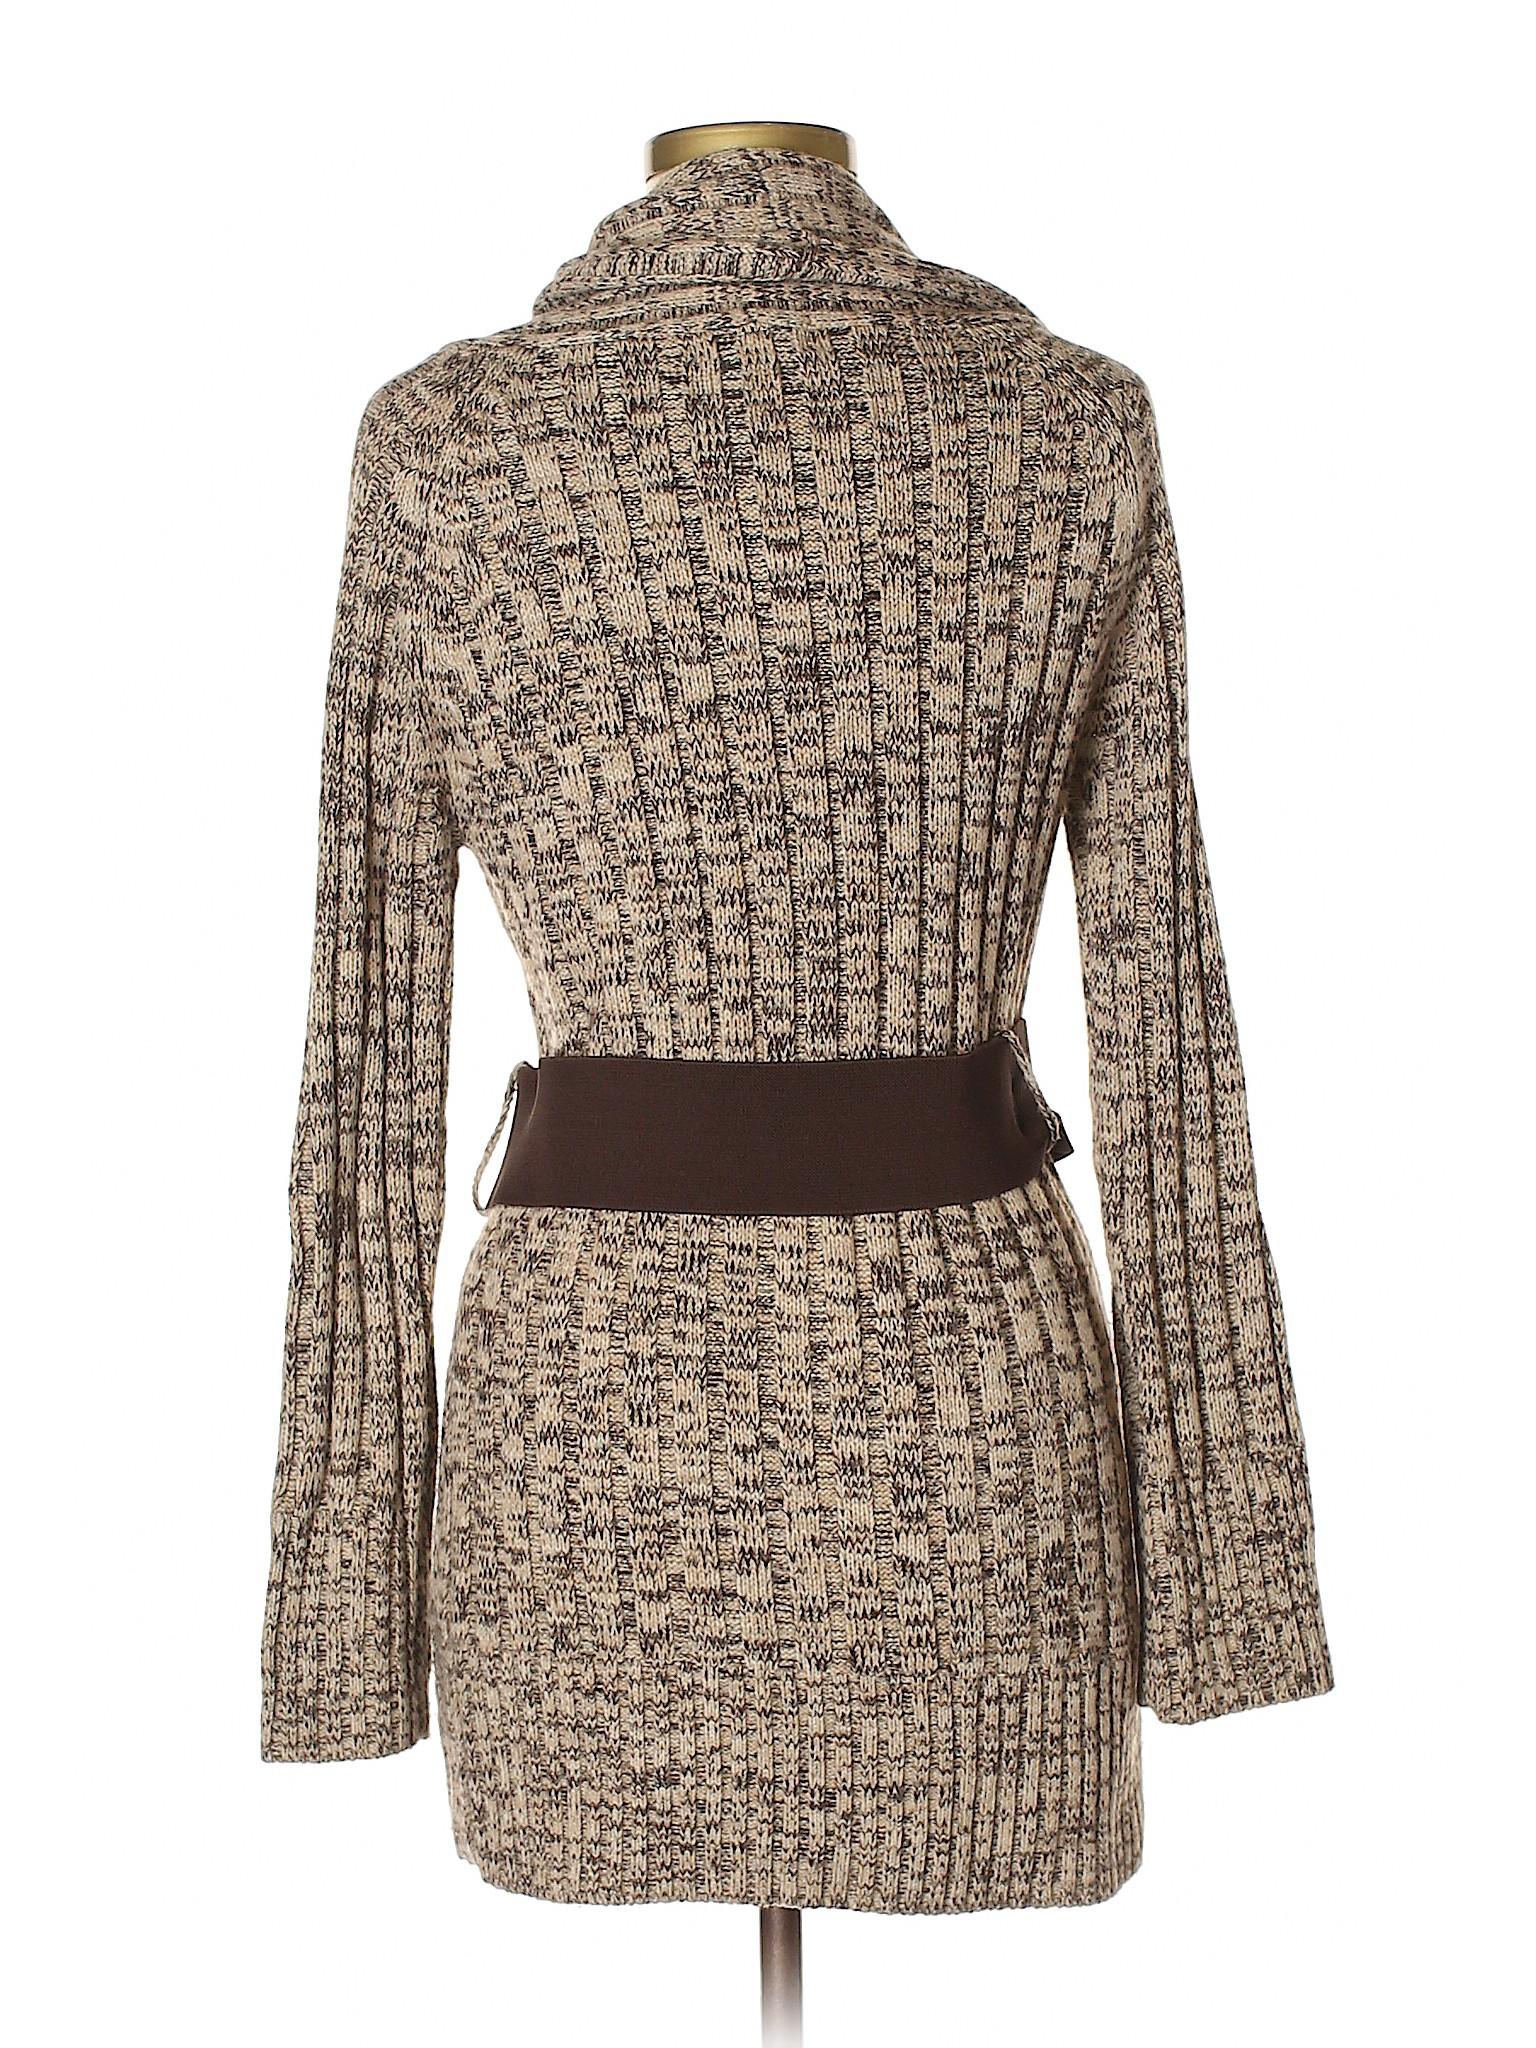 Pullover Boutique DressBarn Boutique Sweater DressBarn qqt8wT